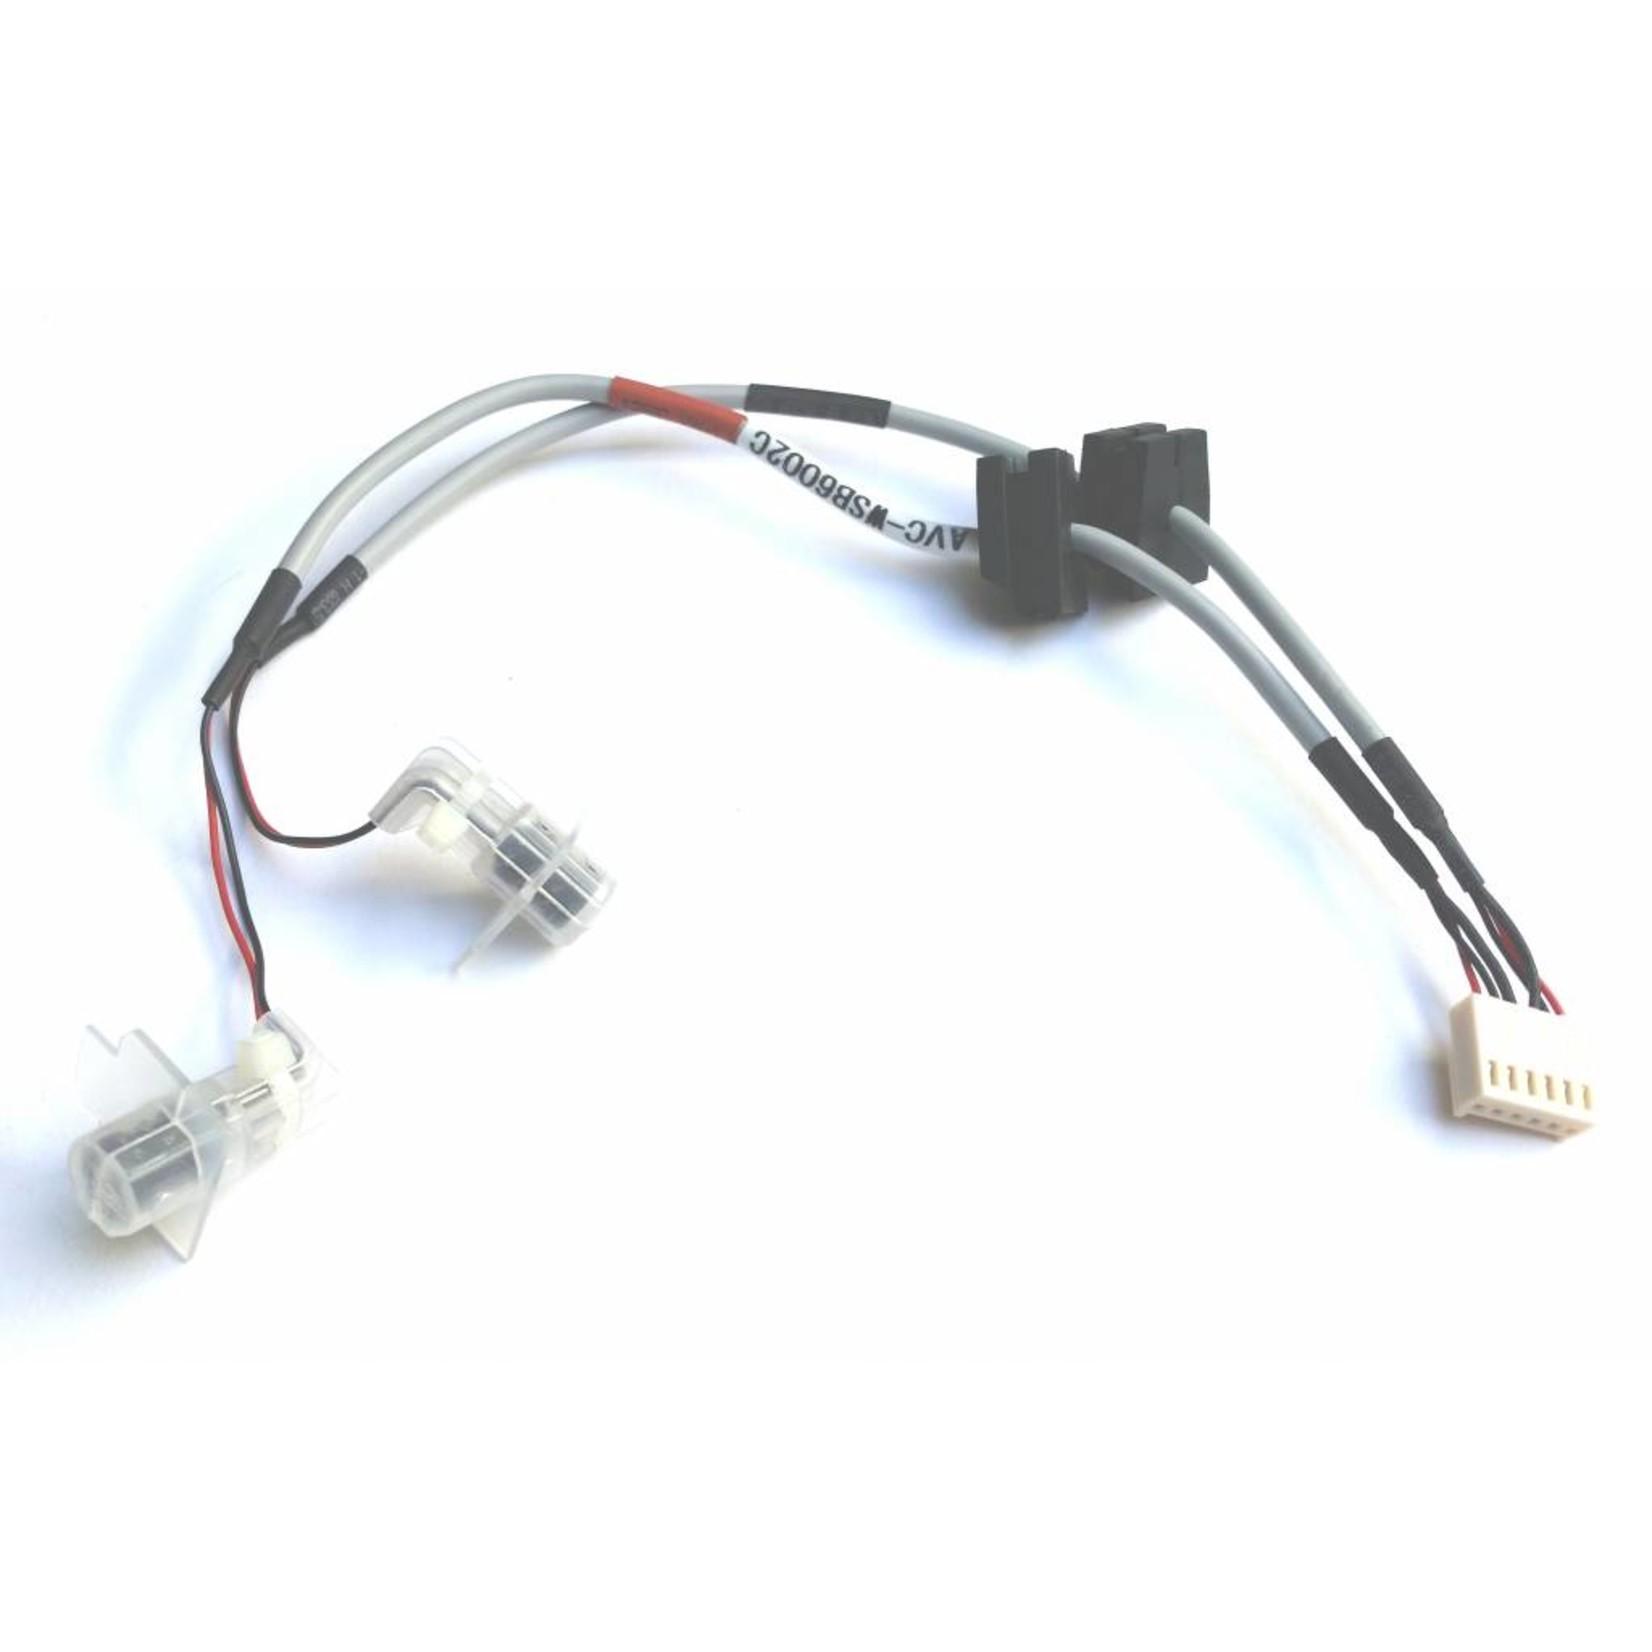 Robomow Robomow Kabelbaum  Frontplatine Sensor WSB6002C